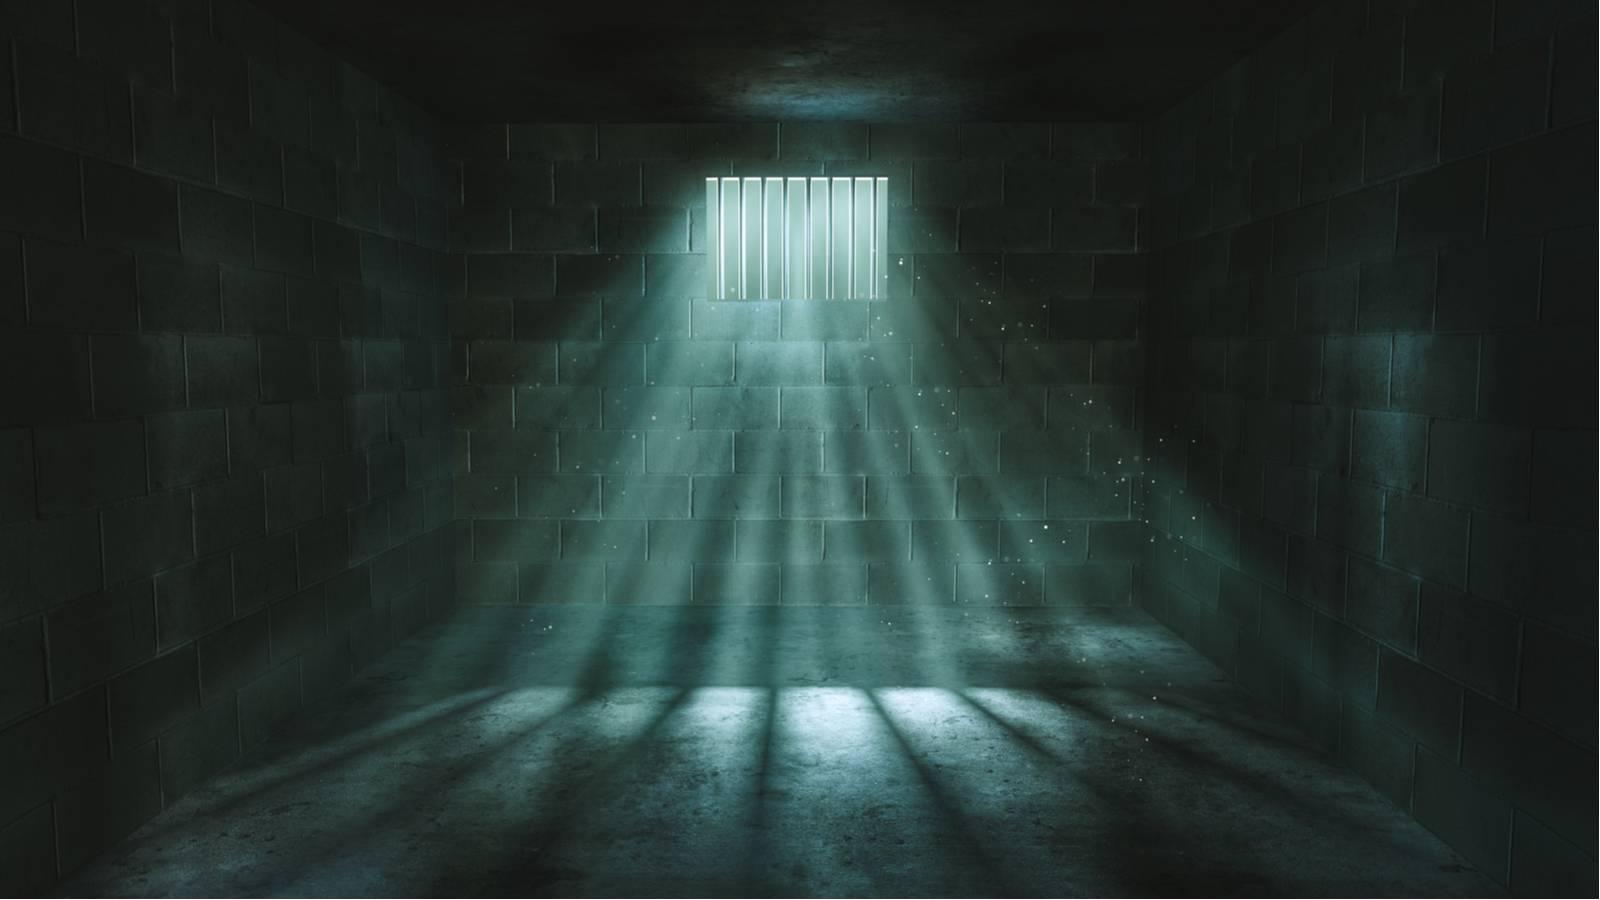 Nejdrsnější věznice světa: Na návštěvě v zemi Papua–Nová Guinea, kde žijí čarodějnice a kanibalové